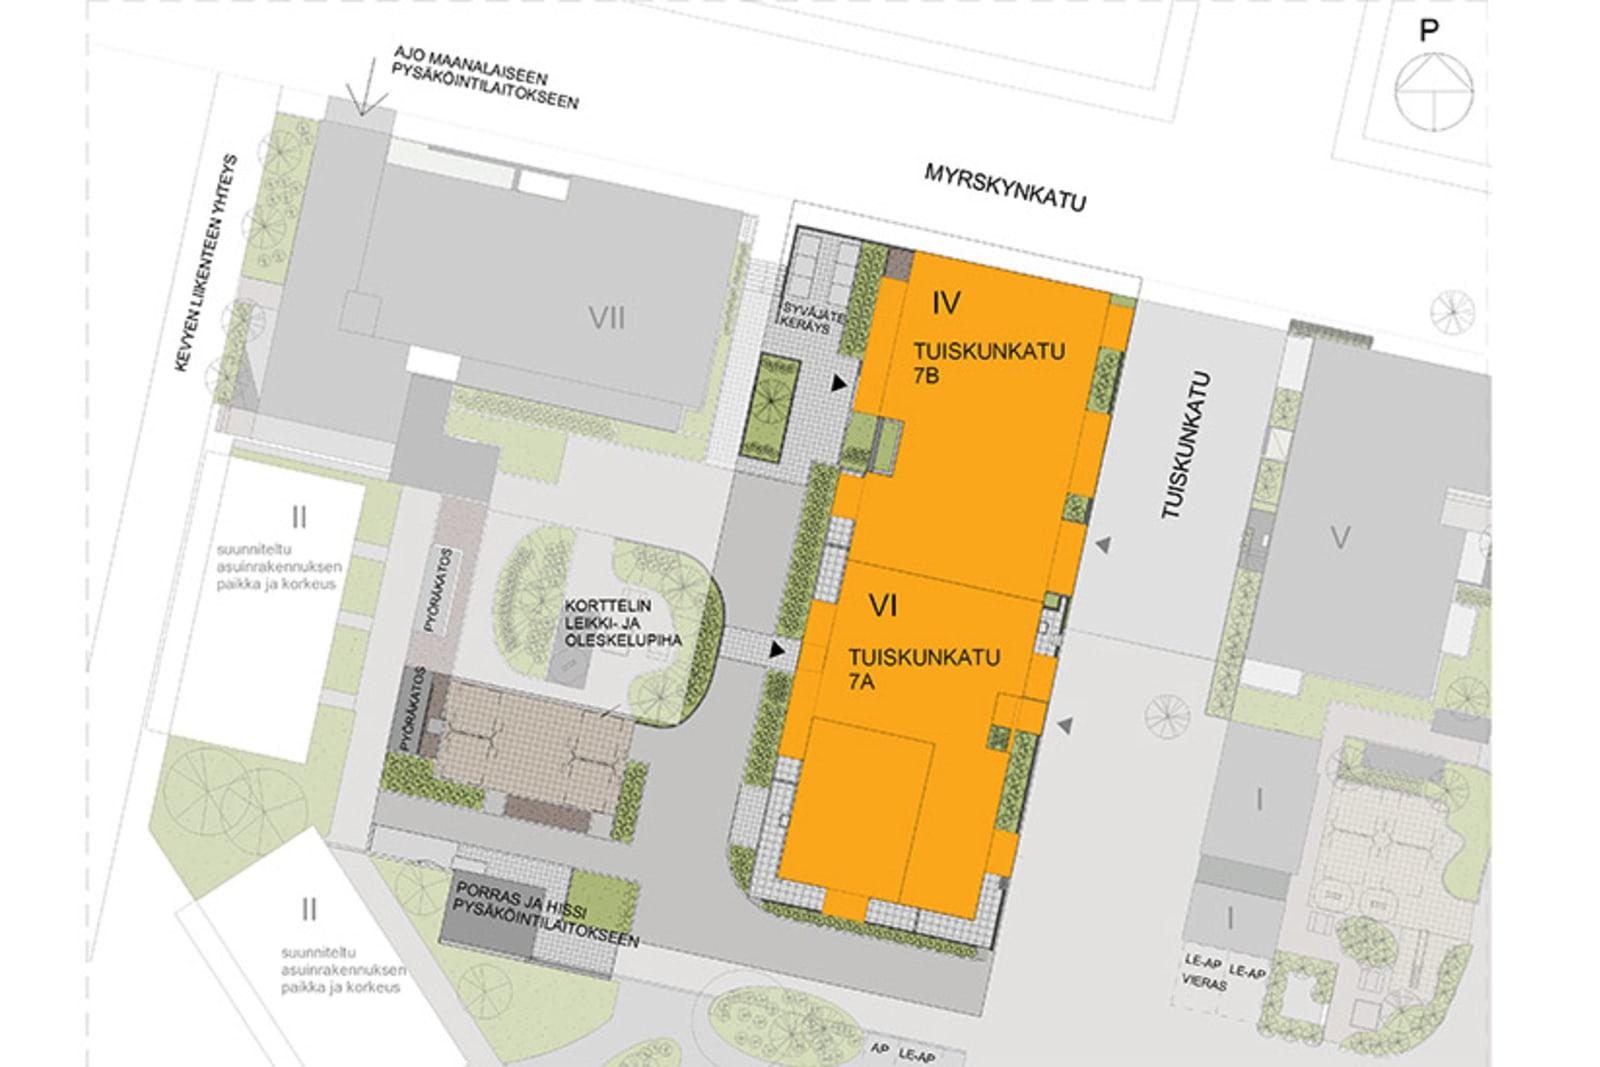 Tampere, Härmälänranta, Tuiskunkatu 7